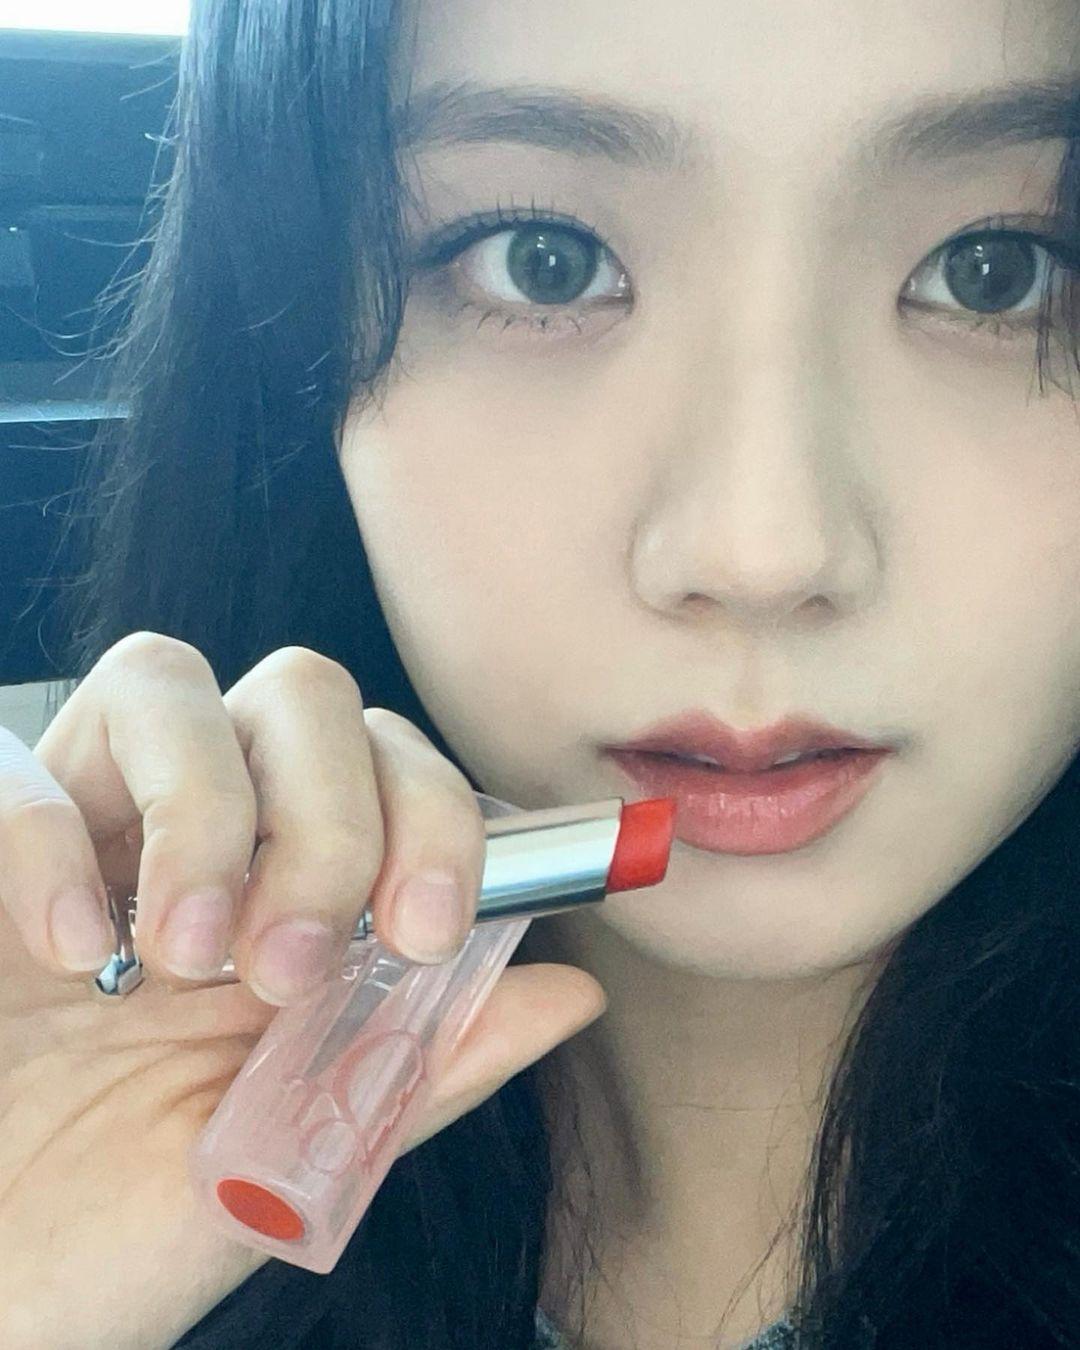 """Jisoo đúng là """"con cưng"""" của Dior khi được hãng yêu chiều đặc biệt khiến ai cũng phải ghen tị xuýt xoa - Ảnh 5."""